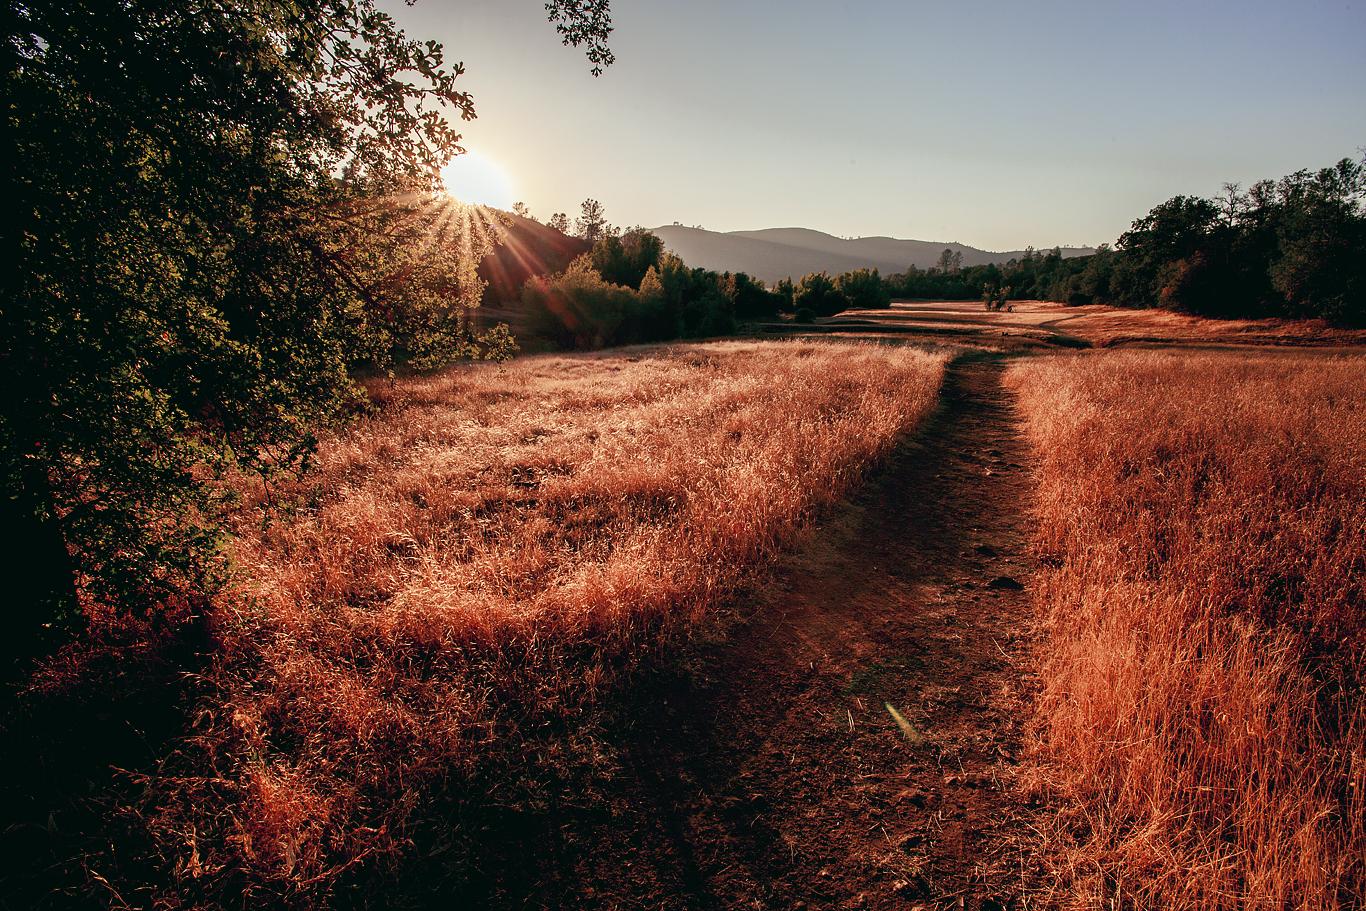 El Dorado Hills, CA